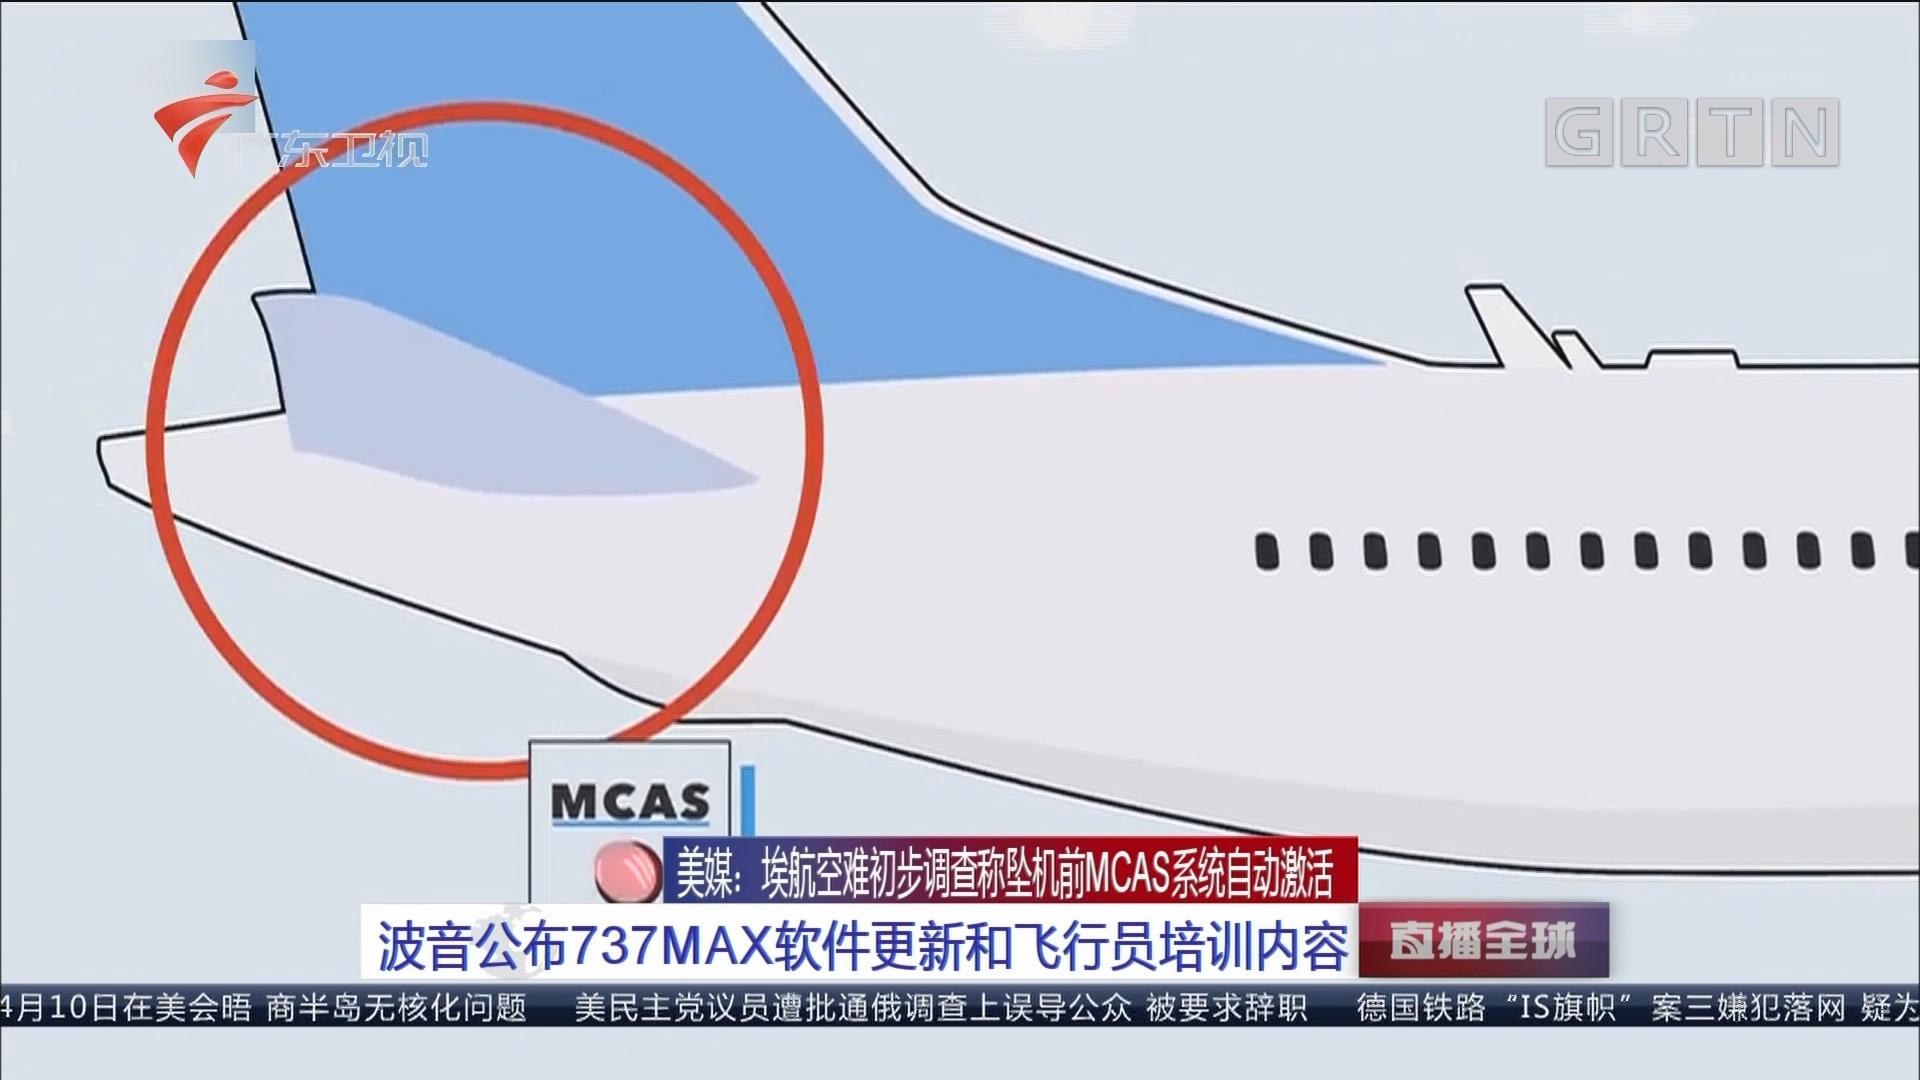 美媒:埃航空难初步调查称坠机前MCAS系统自动激活 初步结论基于对黑匣子数据研究